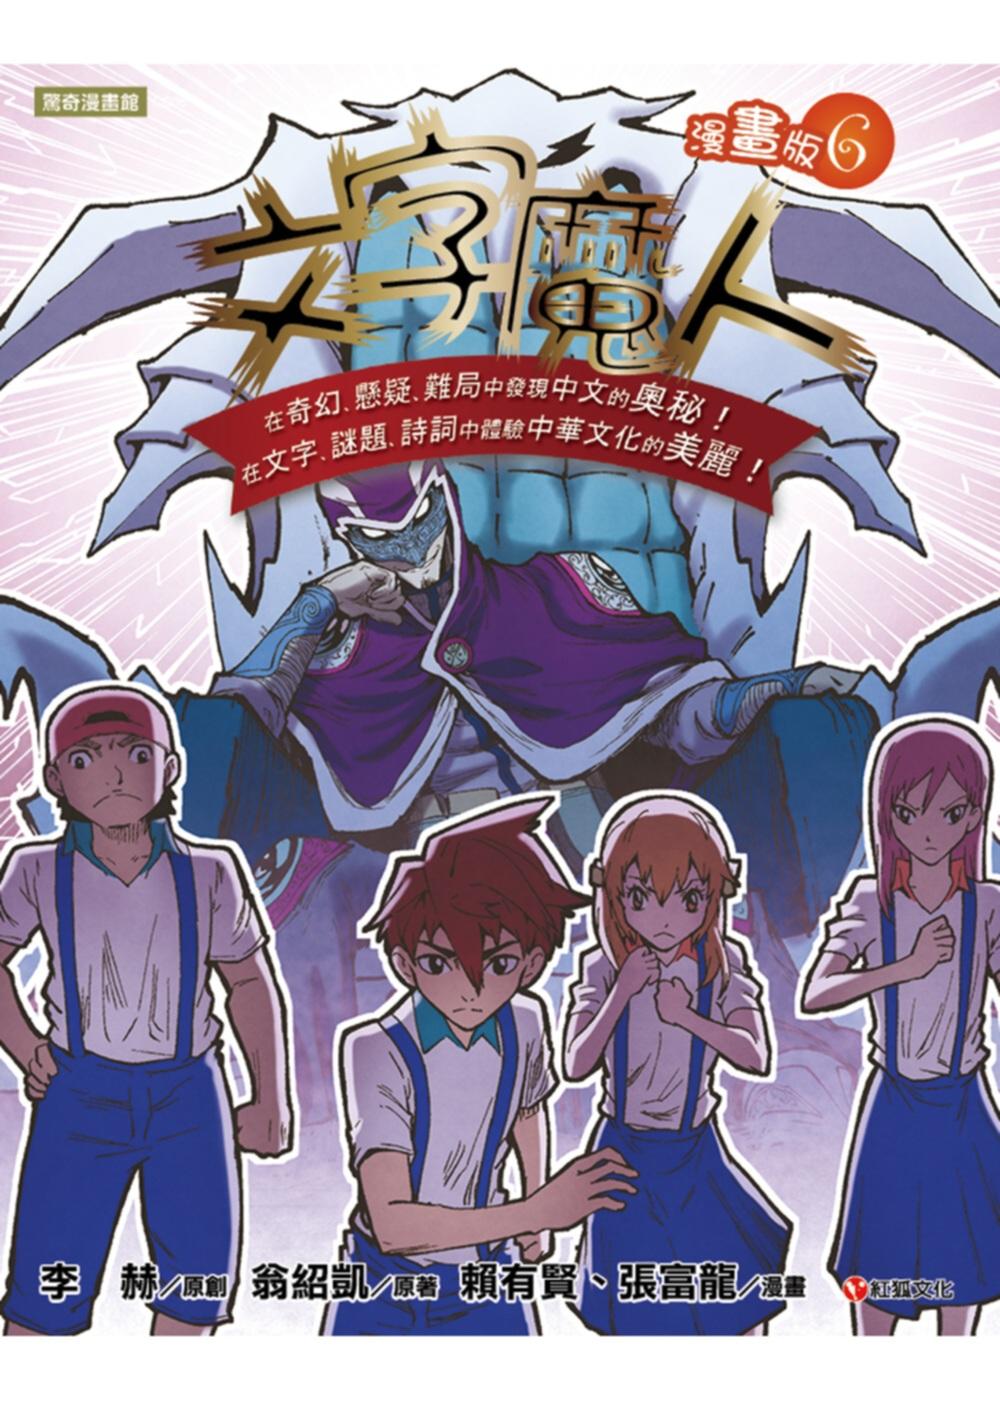 文字魔人漫畫版6